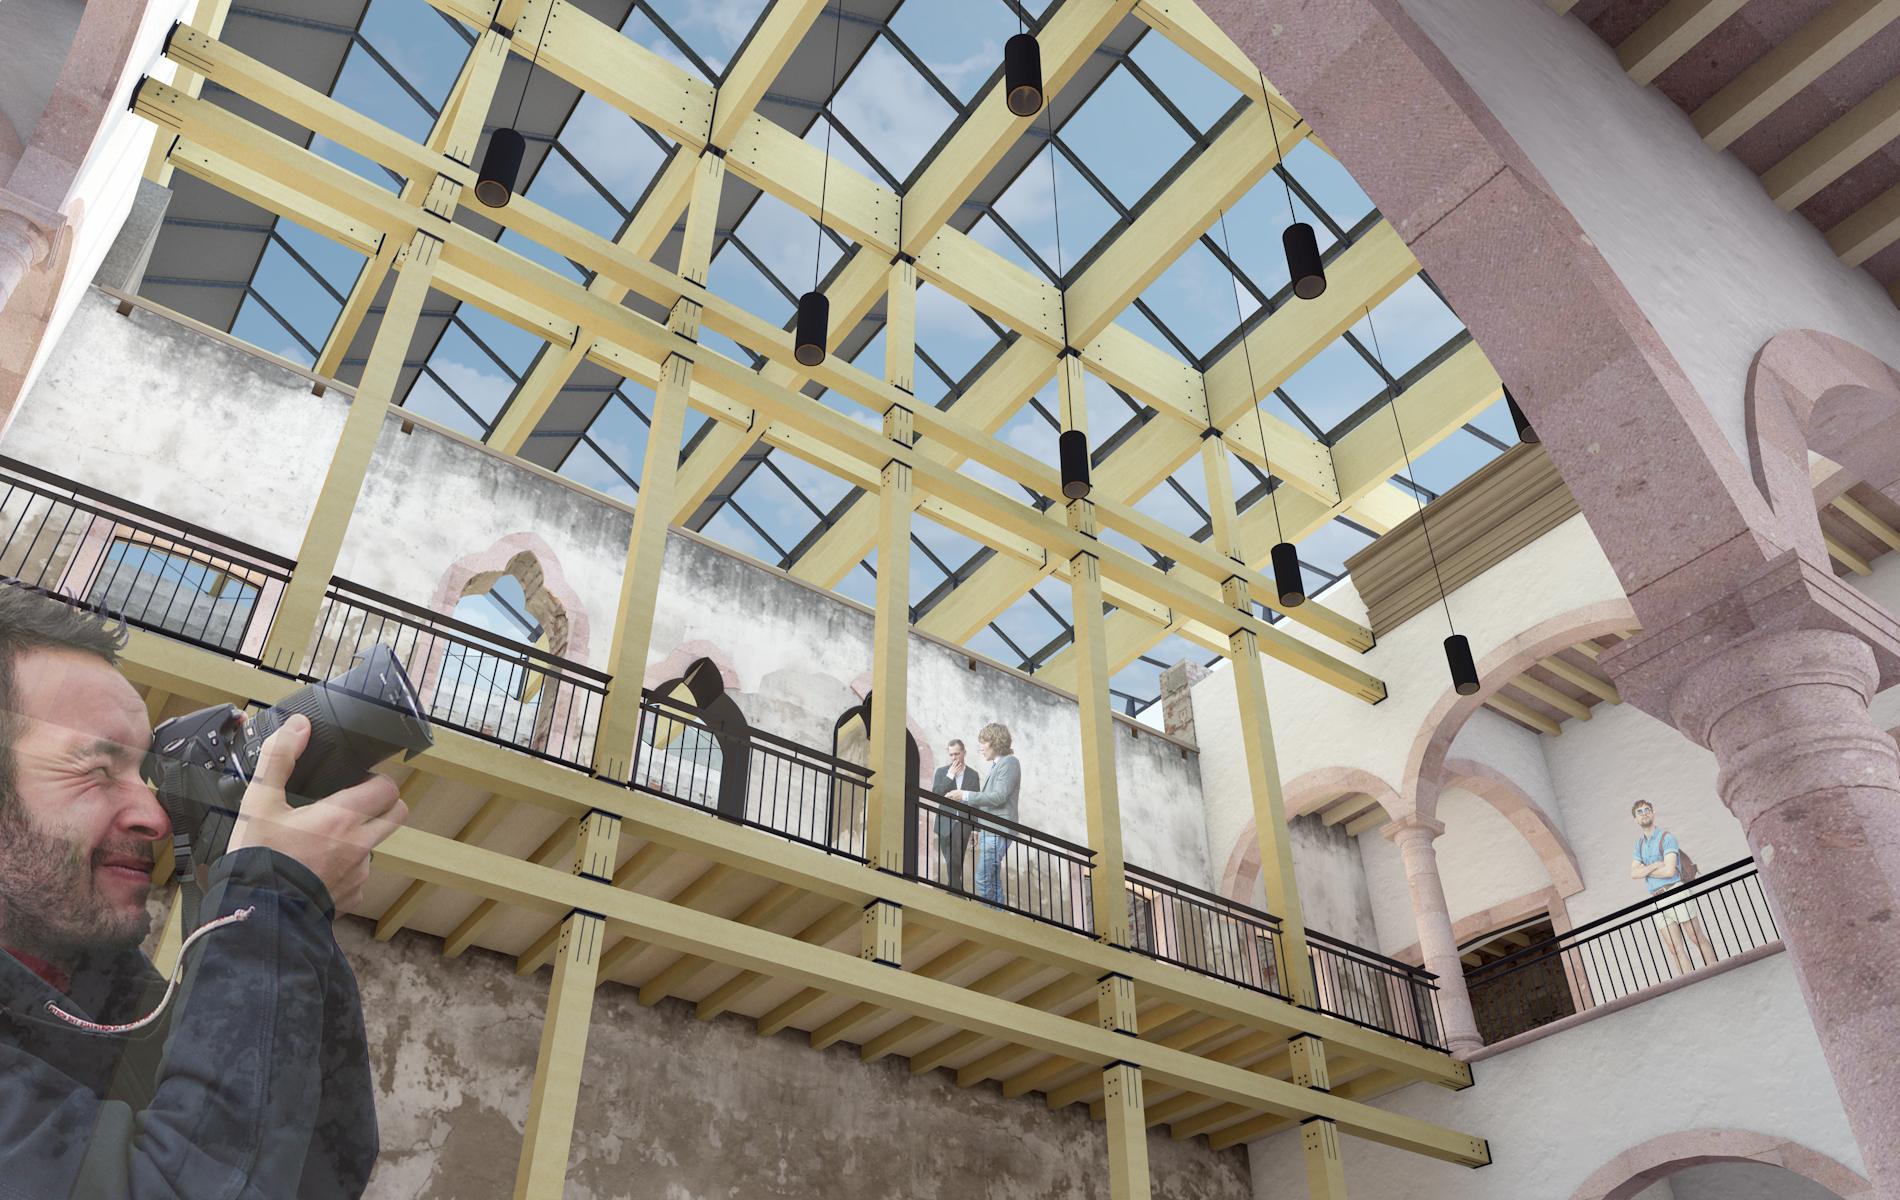 Hotel vista hacia techo.jpg